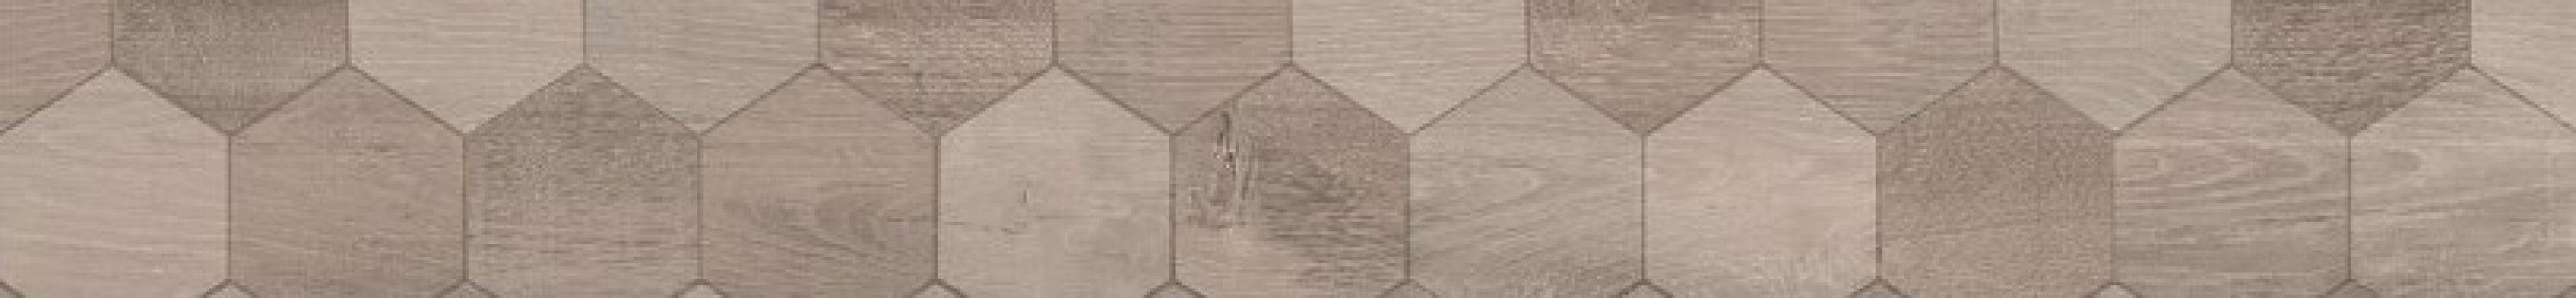 TUDOR Intarsio Grigio 15x90